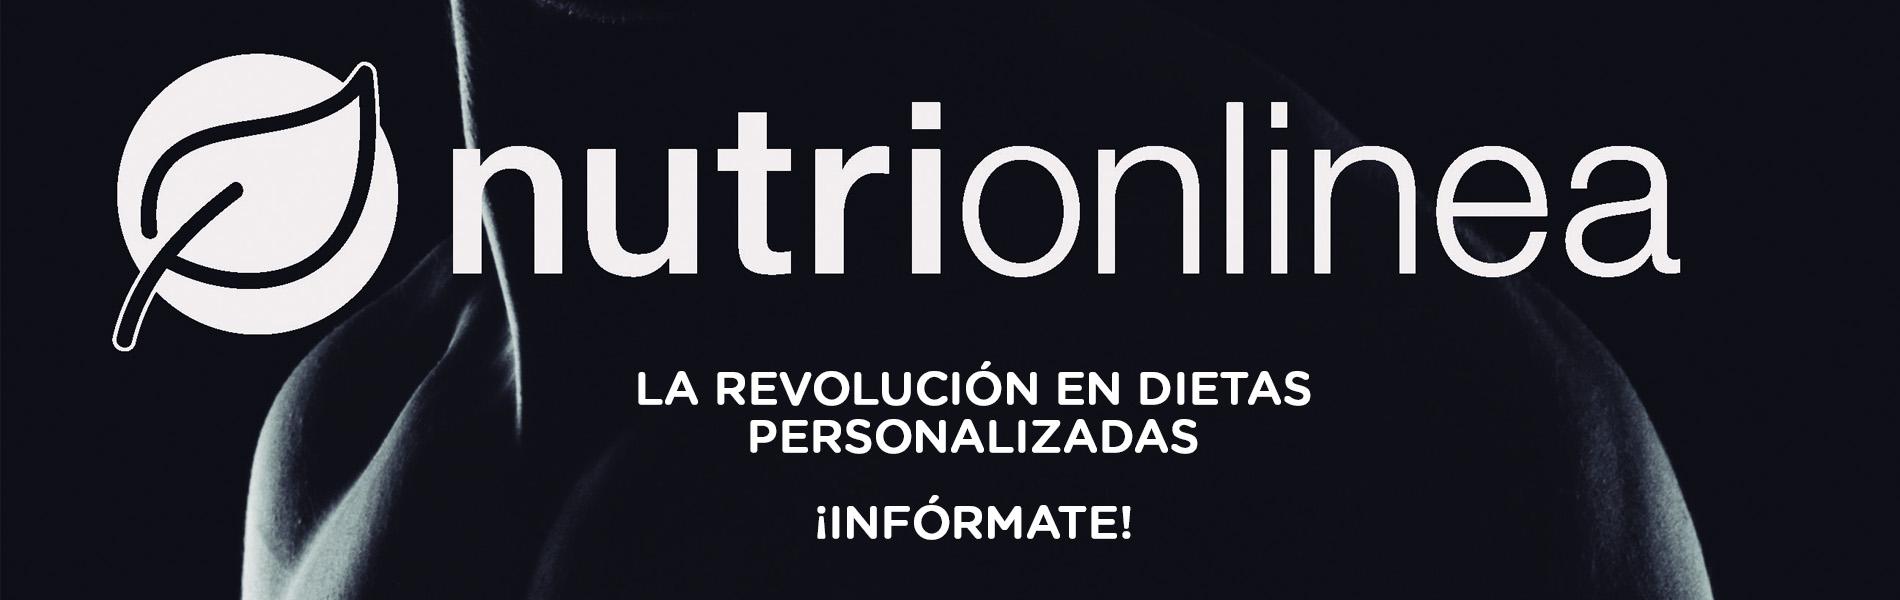 nutrionlinea-banner-1